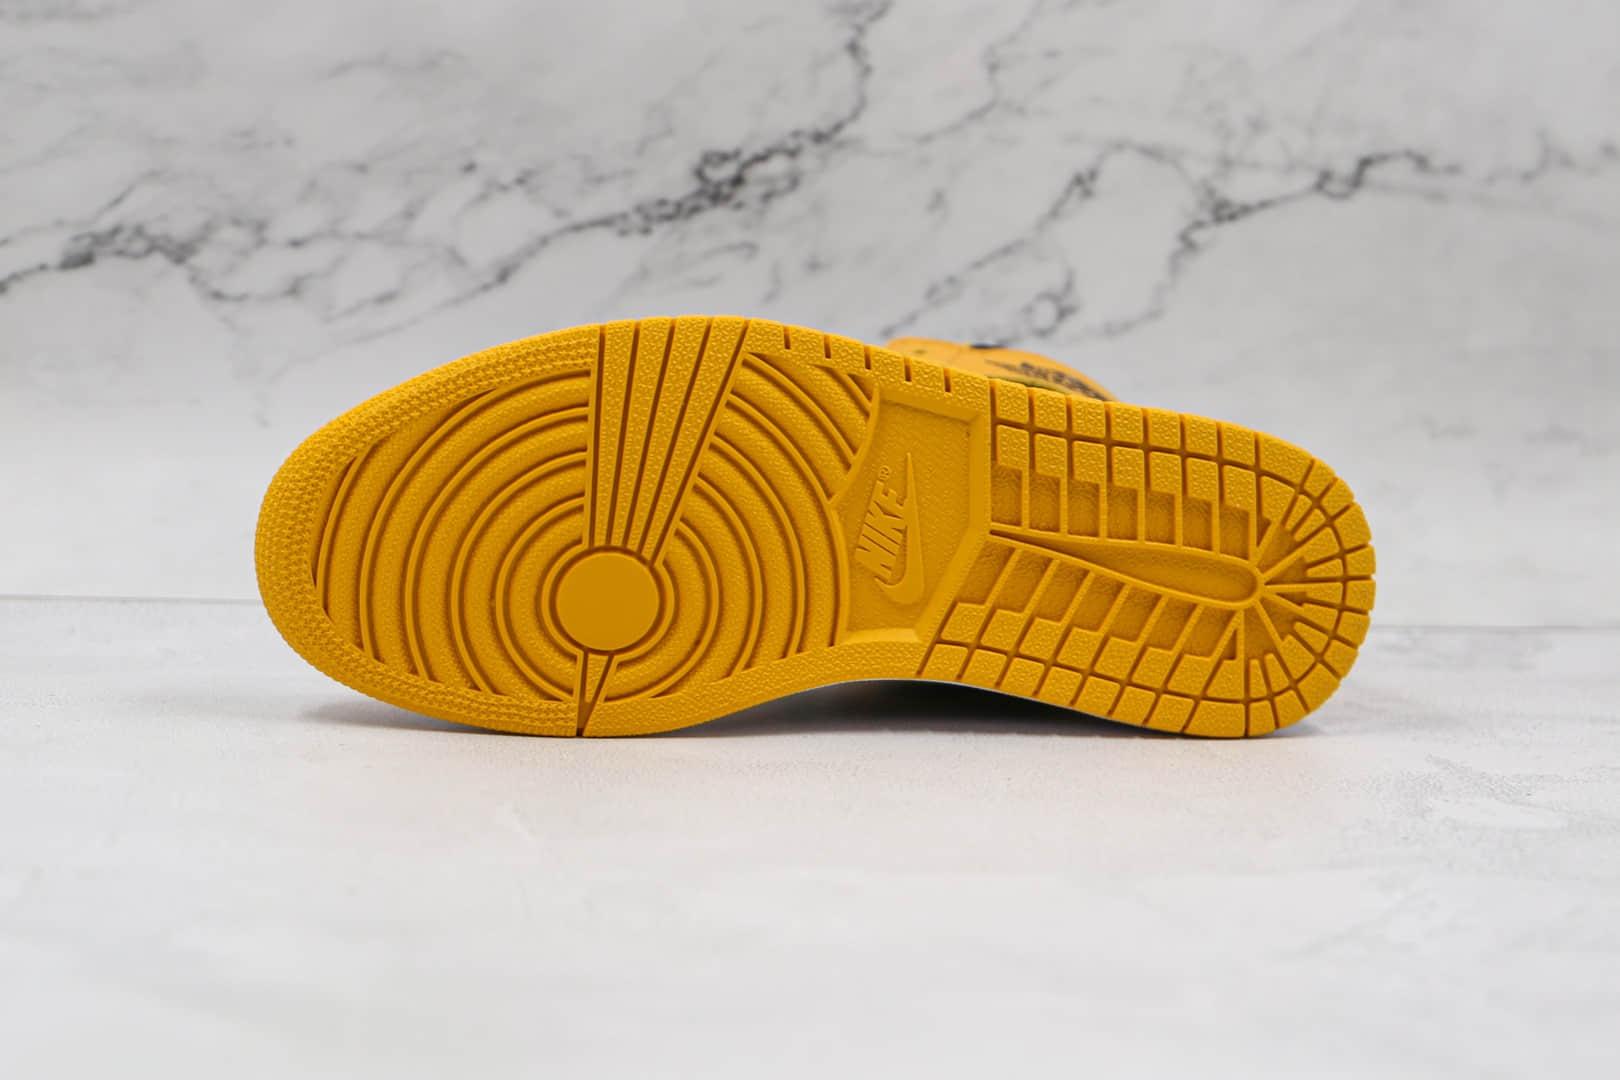 乔丹Air Jordan 1 High OG Pollen纯原版本高帮AJ1黑黄麂皮原档案数据开发 货号:555088-701